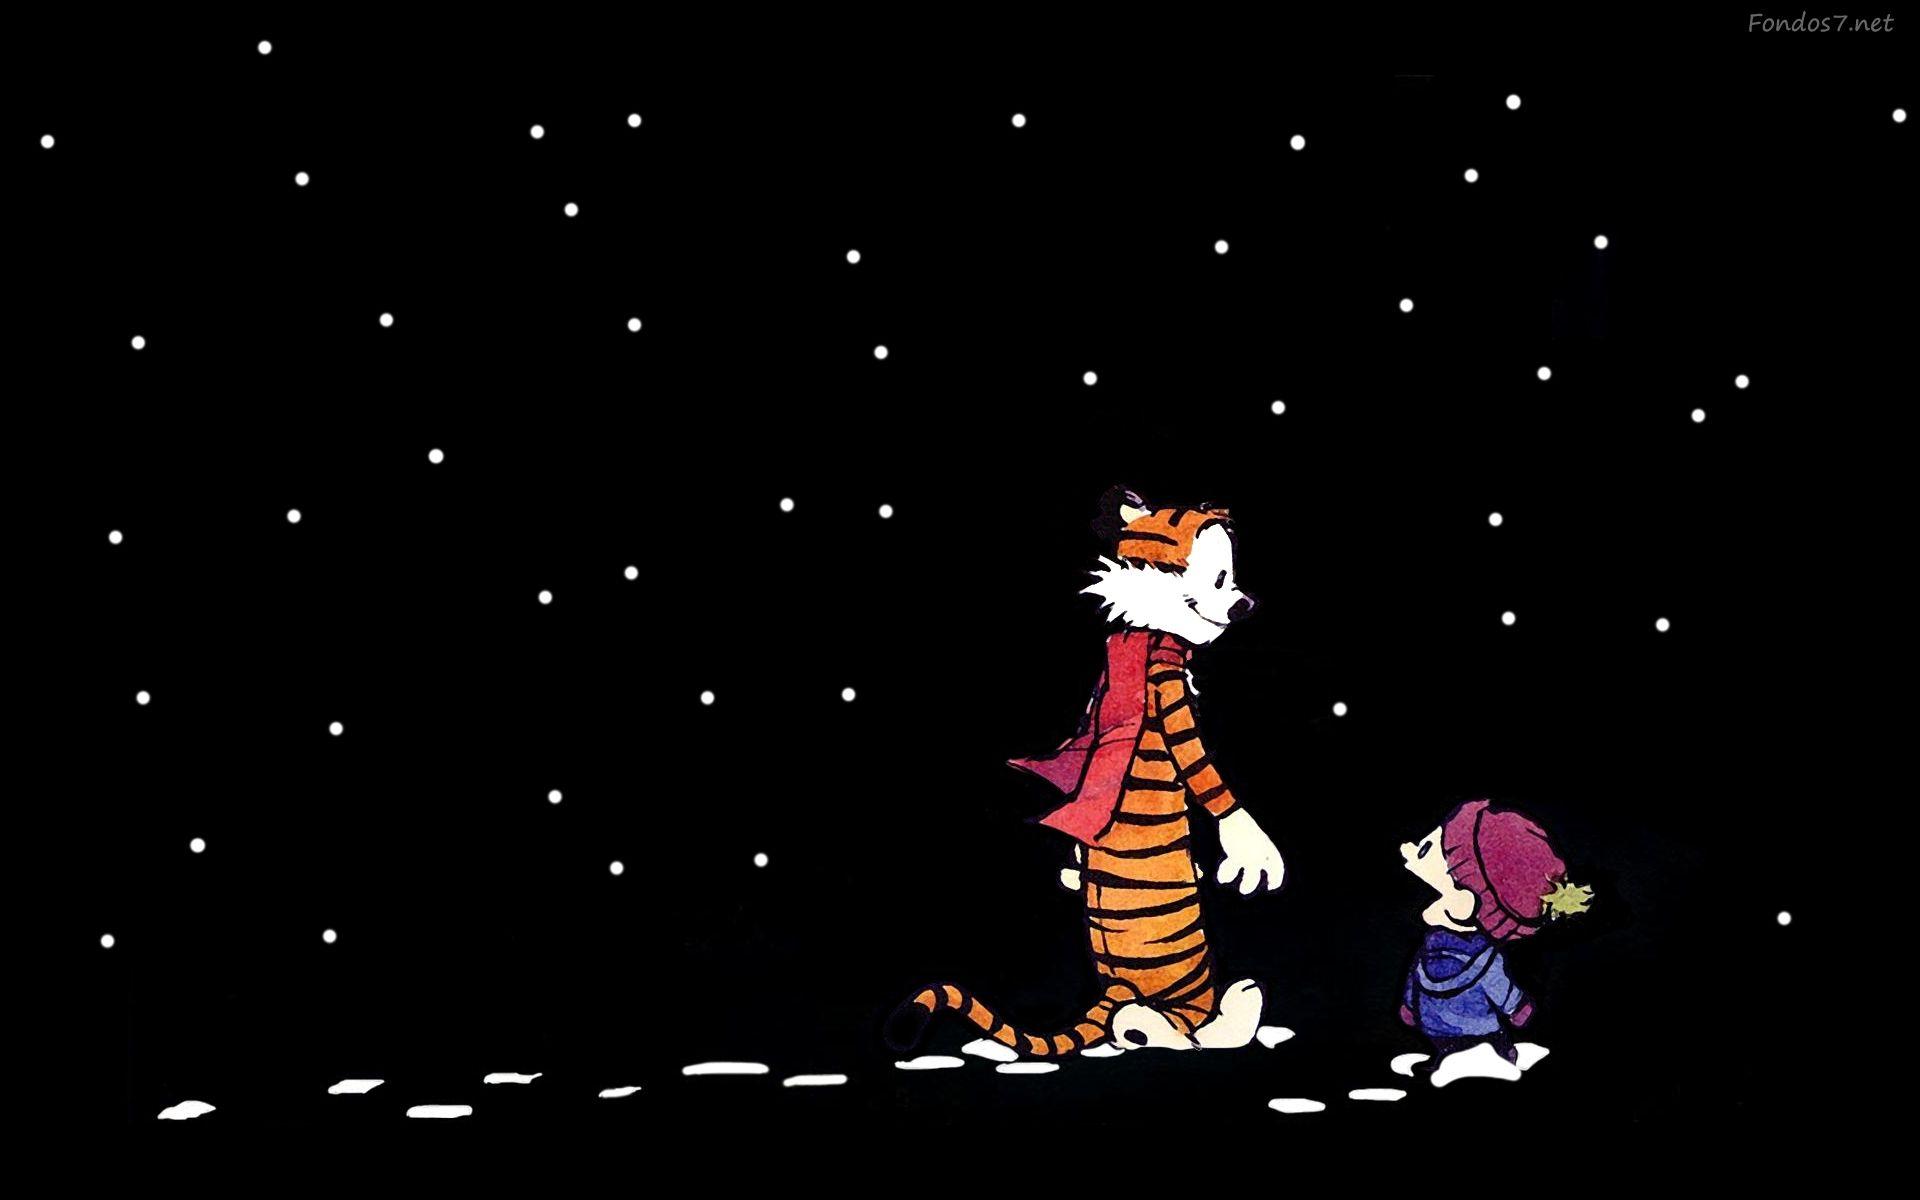 Popular Wallpaper Mac Calvin And Hobbes - 133ed2b5d98763d8a27f7de7565dcda5  You Should Have_846048.jpg